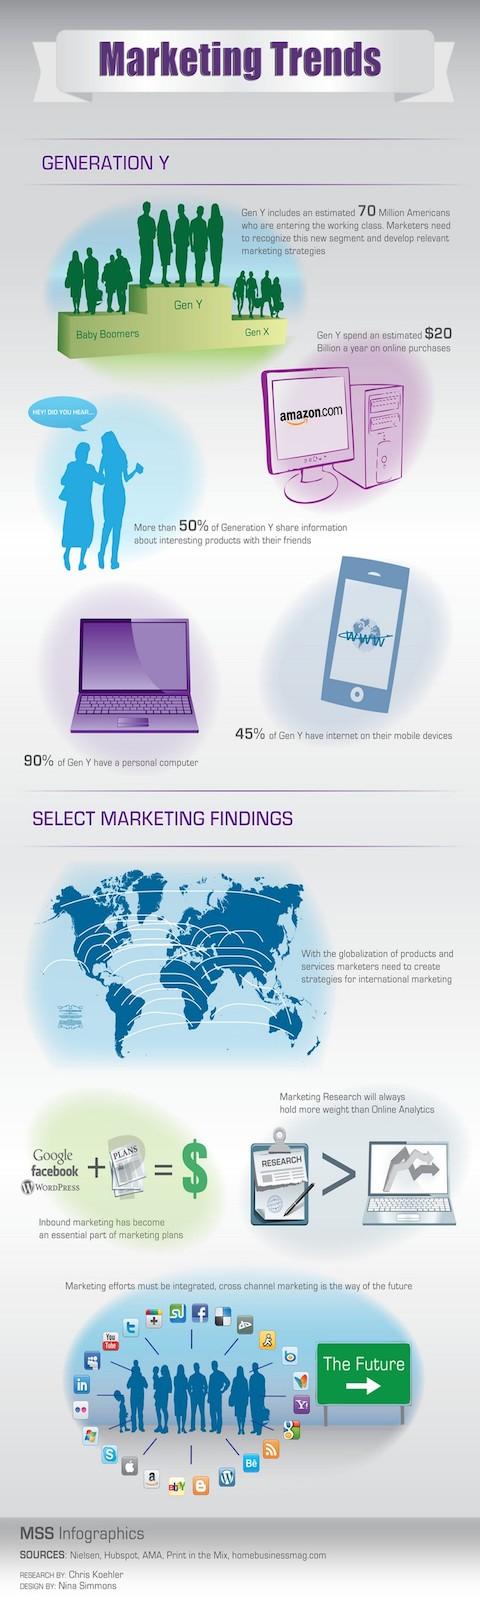 marketing-trends-part-iii